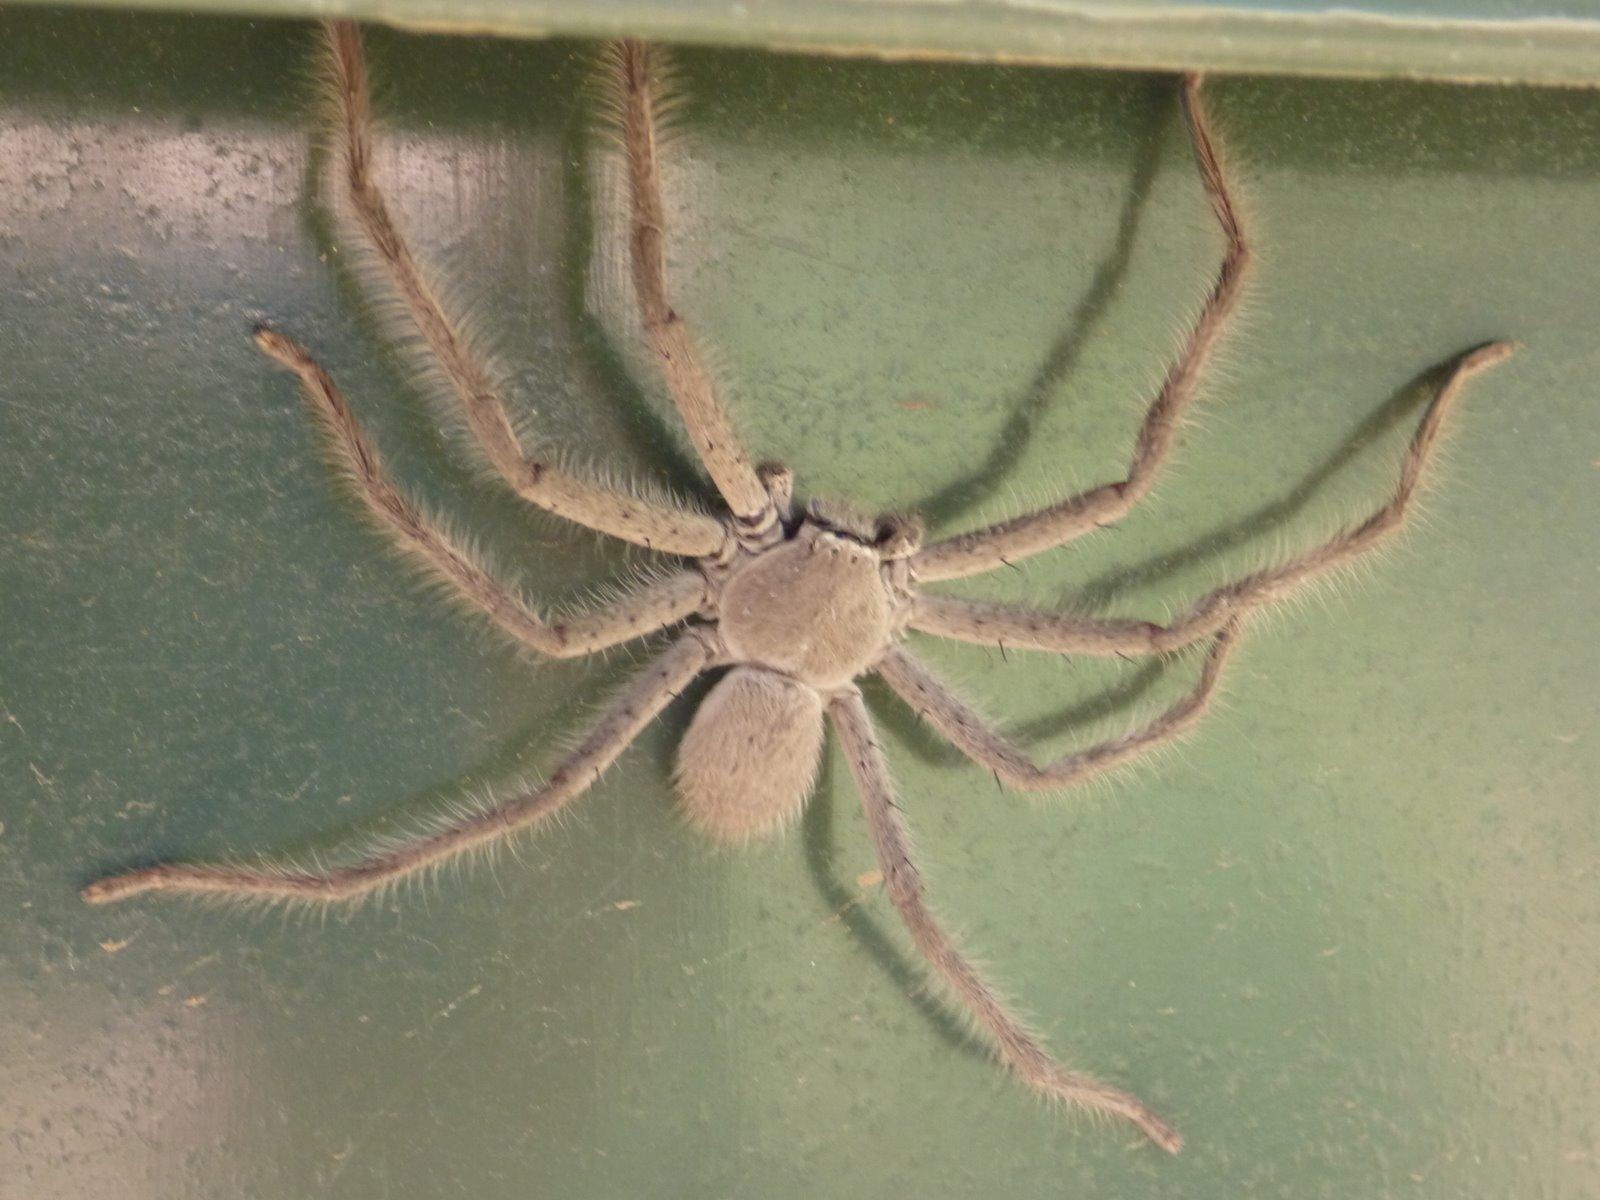 The Homeschool Den Huntsman Spiders